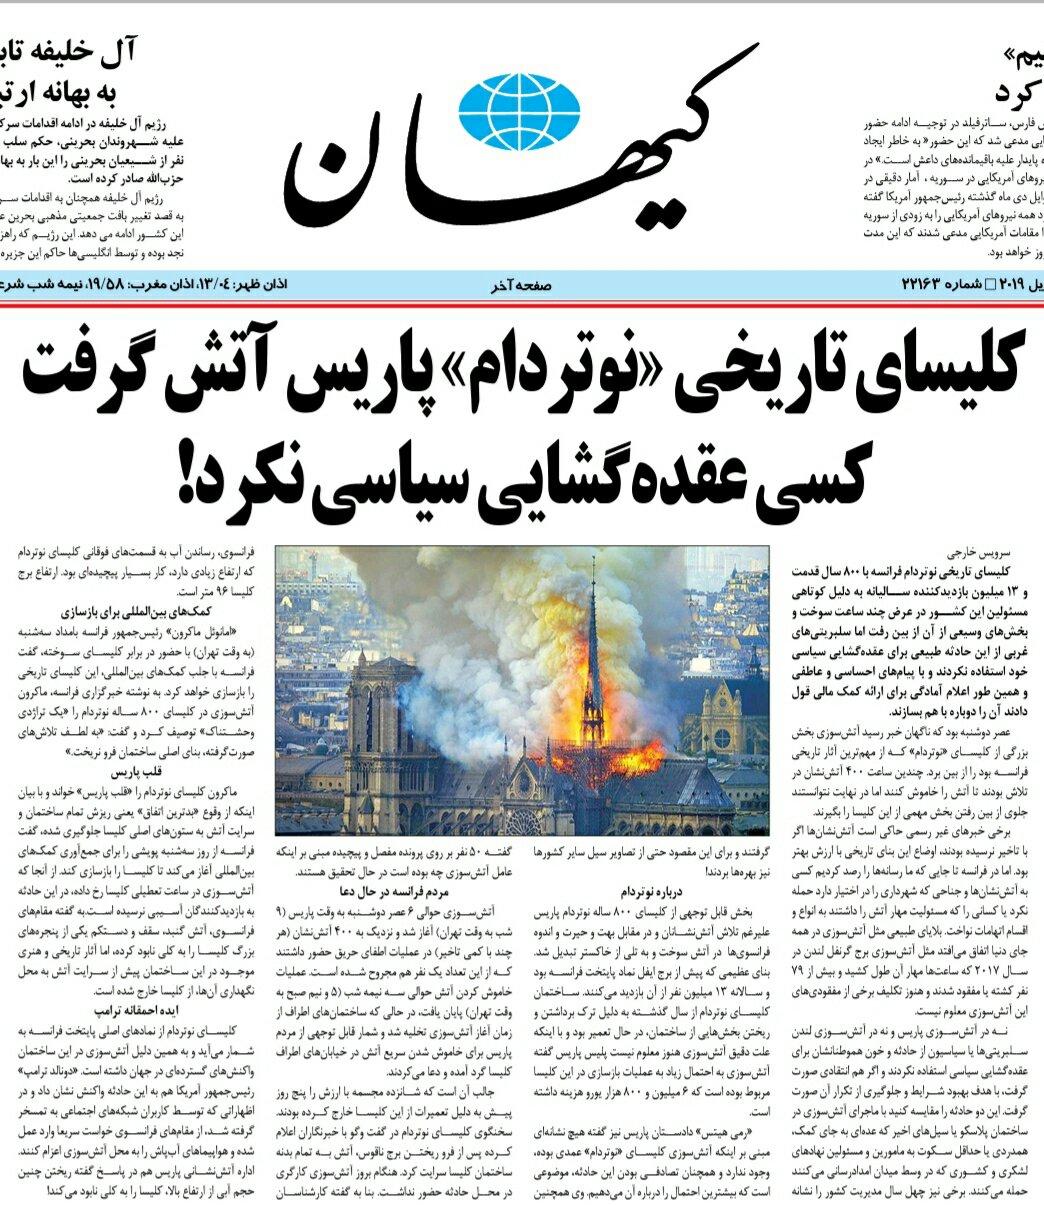 بين الصفحات الإيرانية: ظريف في جولته الإقليمية... استمرار الدور الإيراني حيث تنزعج واشنطن 2